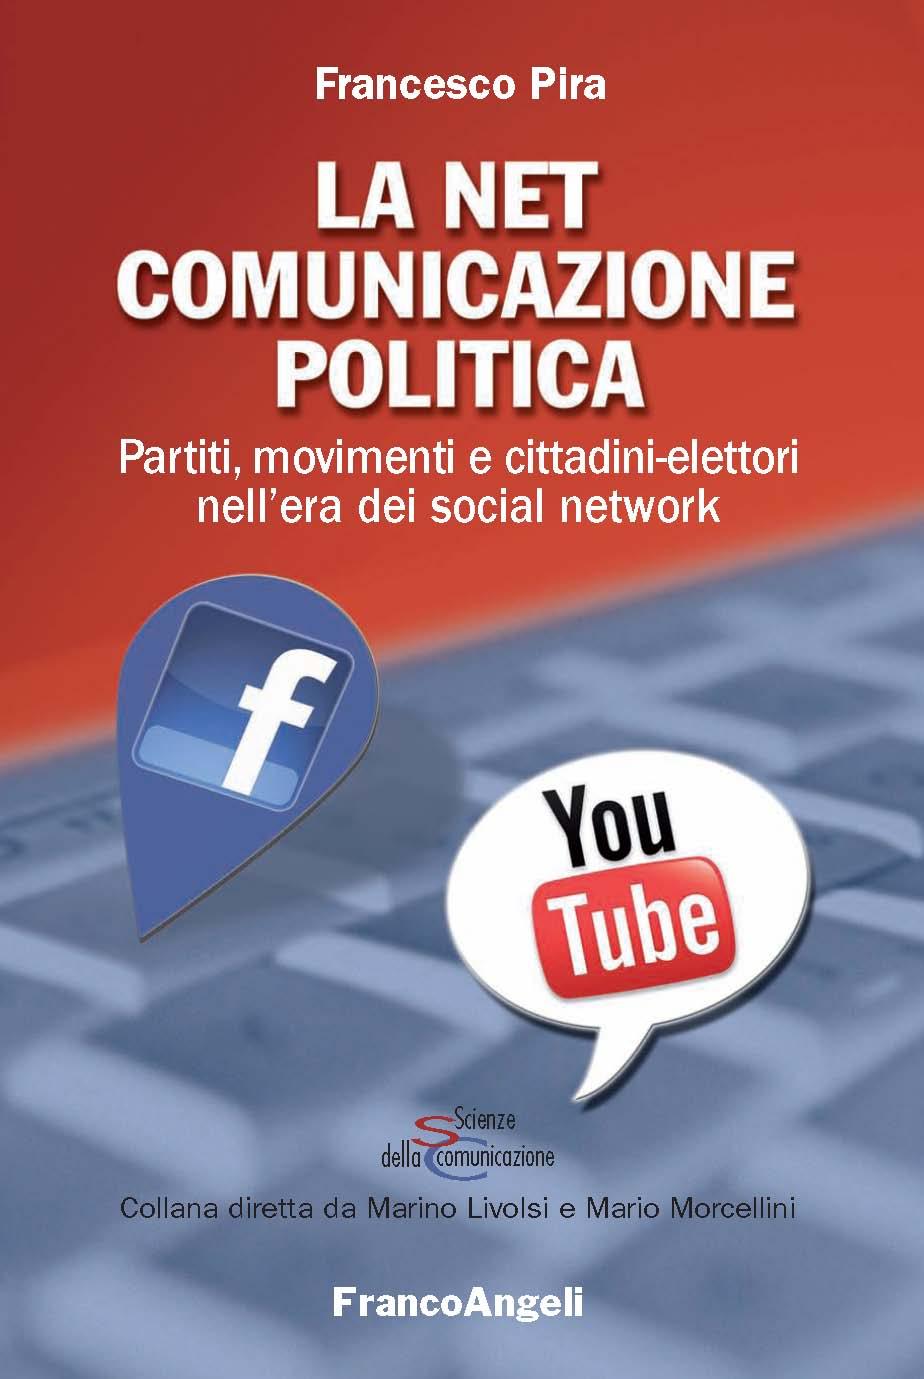 Copertina Jpg Libro Francesco Pira La net comunicazione politica